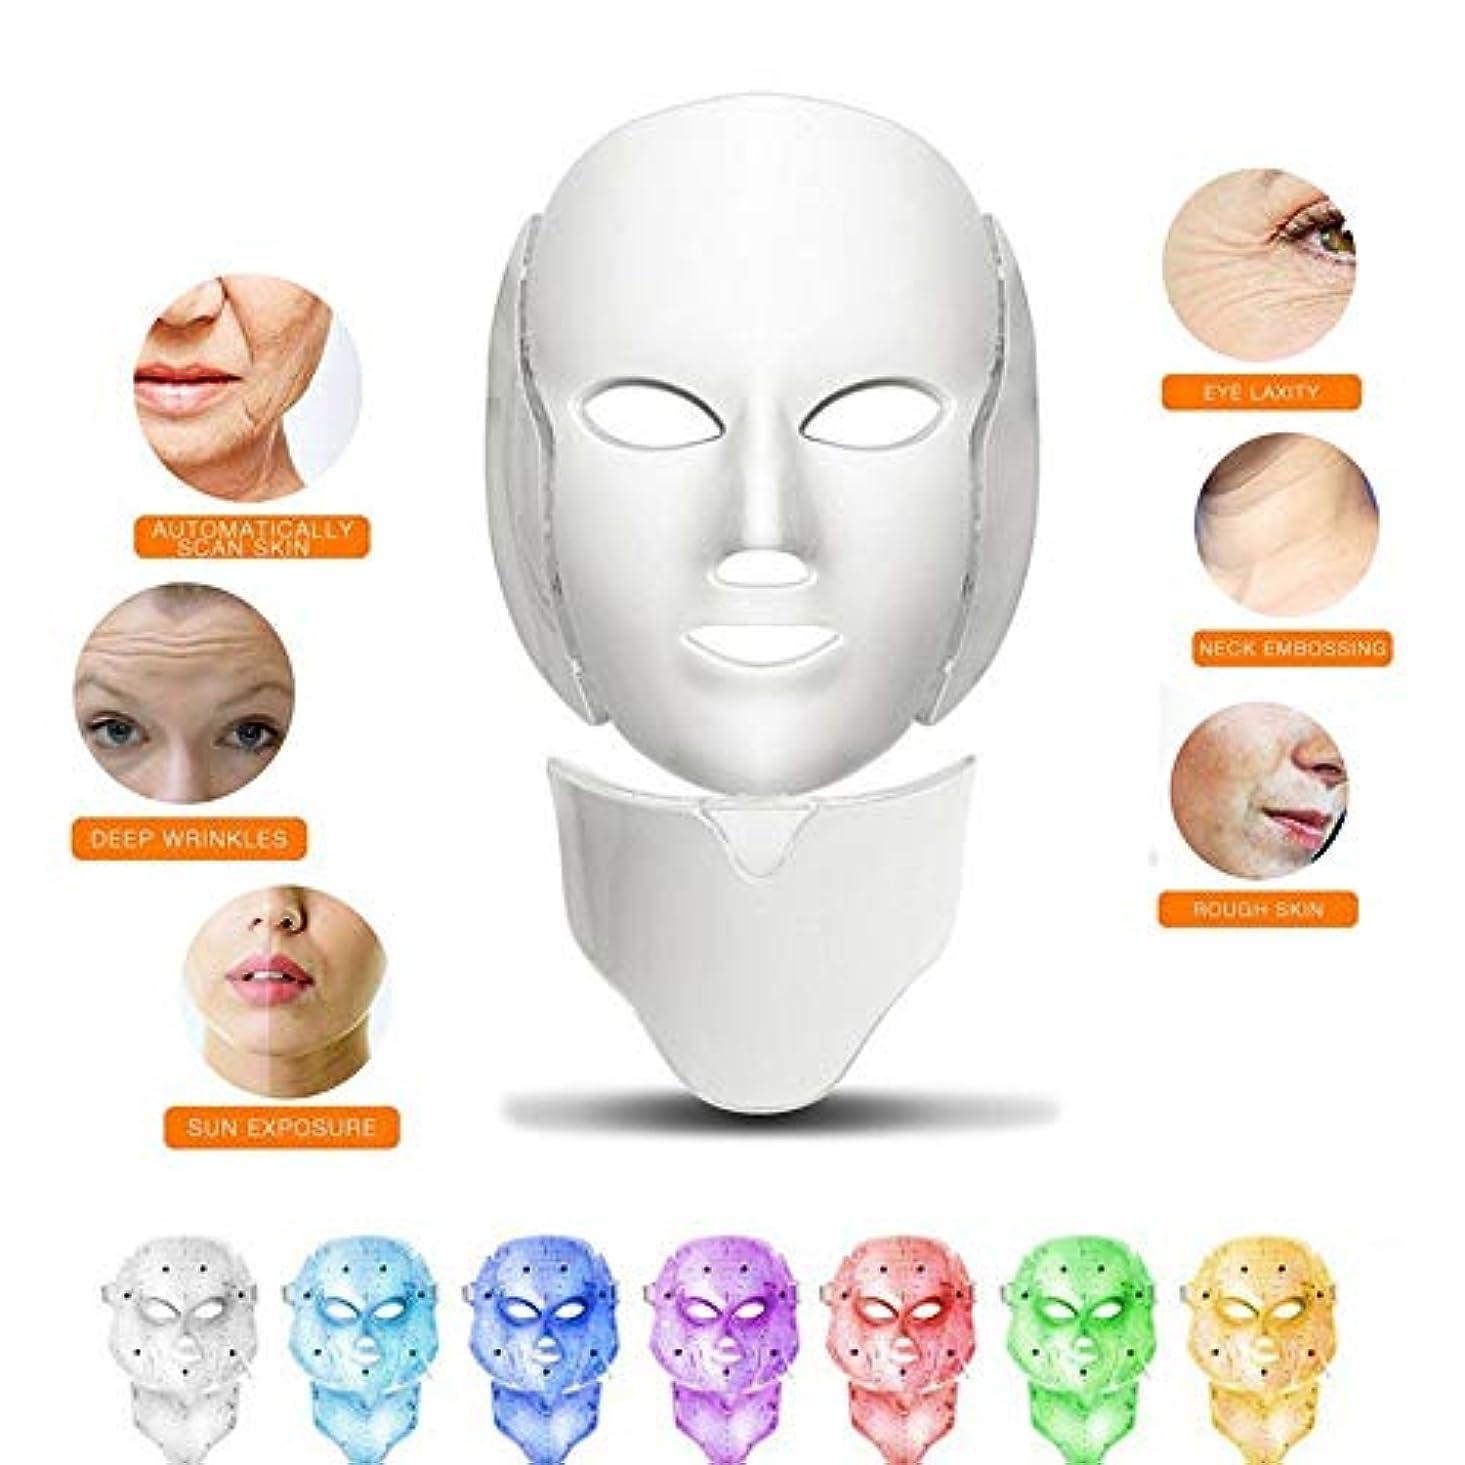 騙すオープナーコミット赤色光光子療法機7色ledフェイスマスク+首、肌の若返りしわにきび除去フェイシャルスパ美容機器、ホワイト